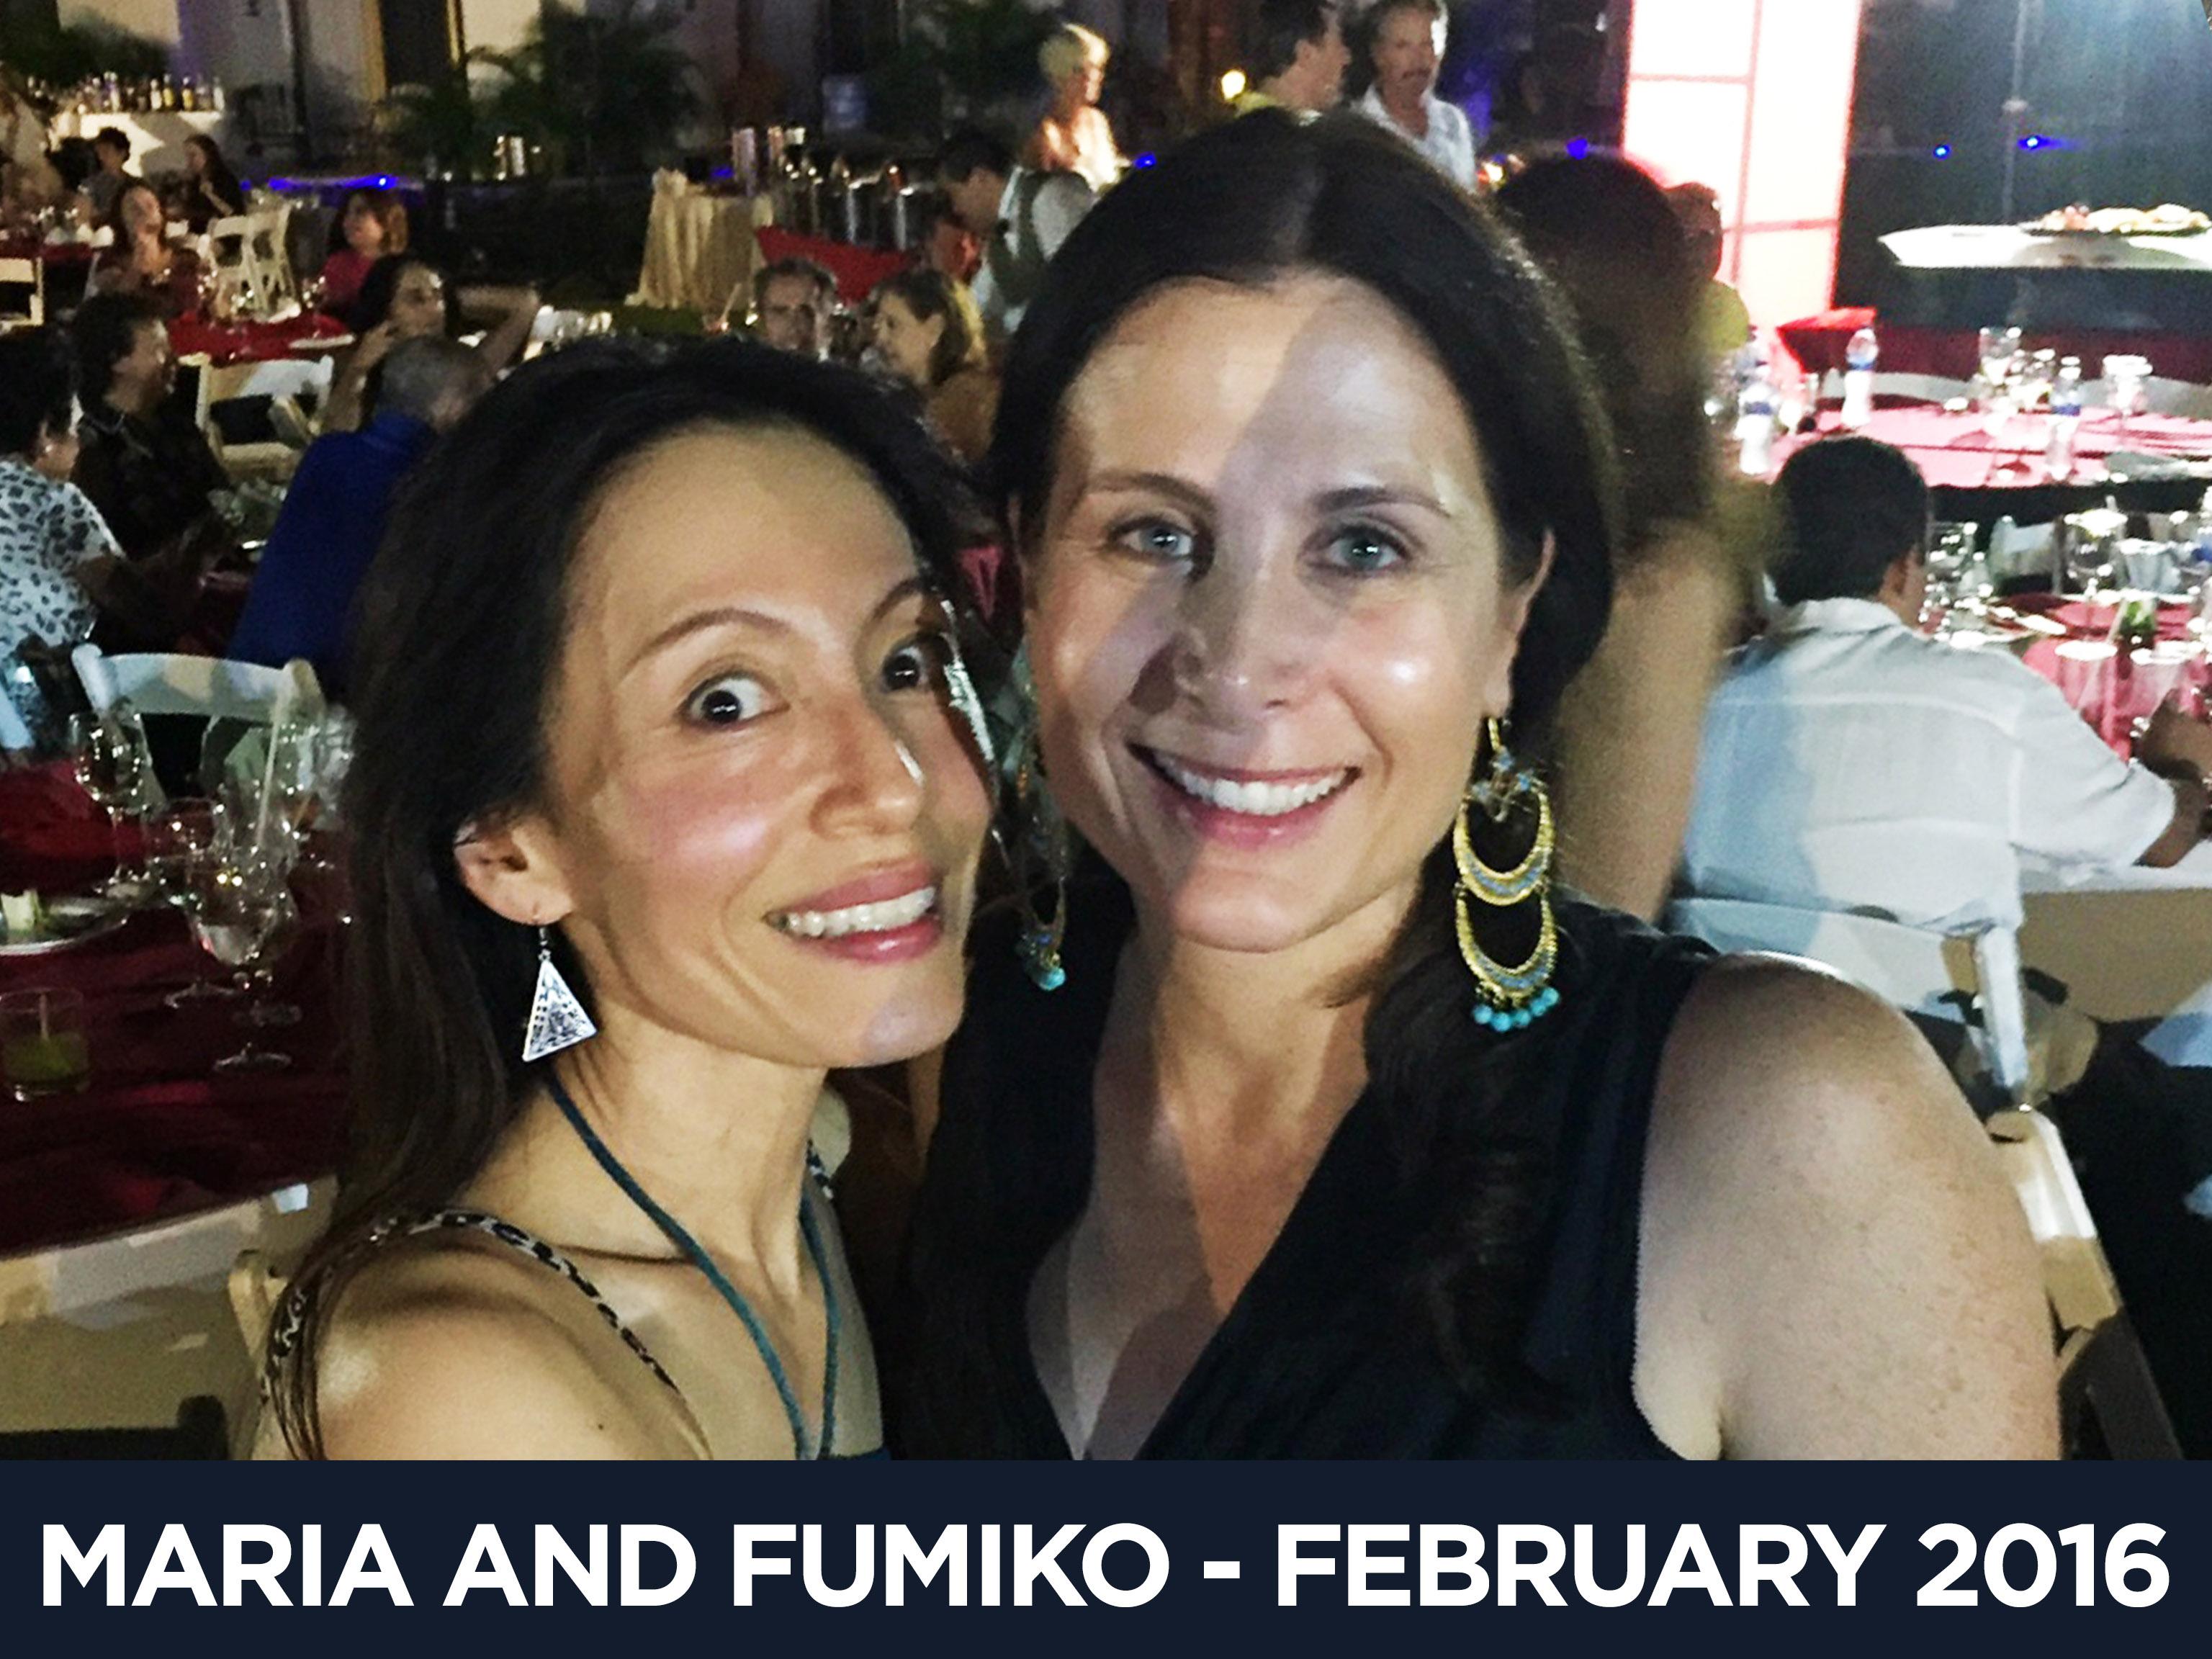 Maria and Fumiko February 2016